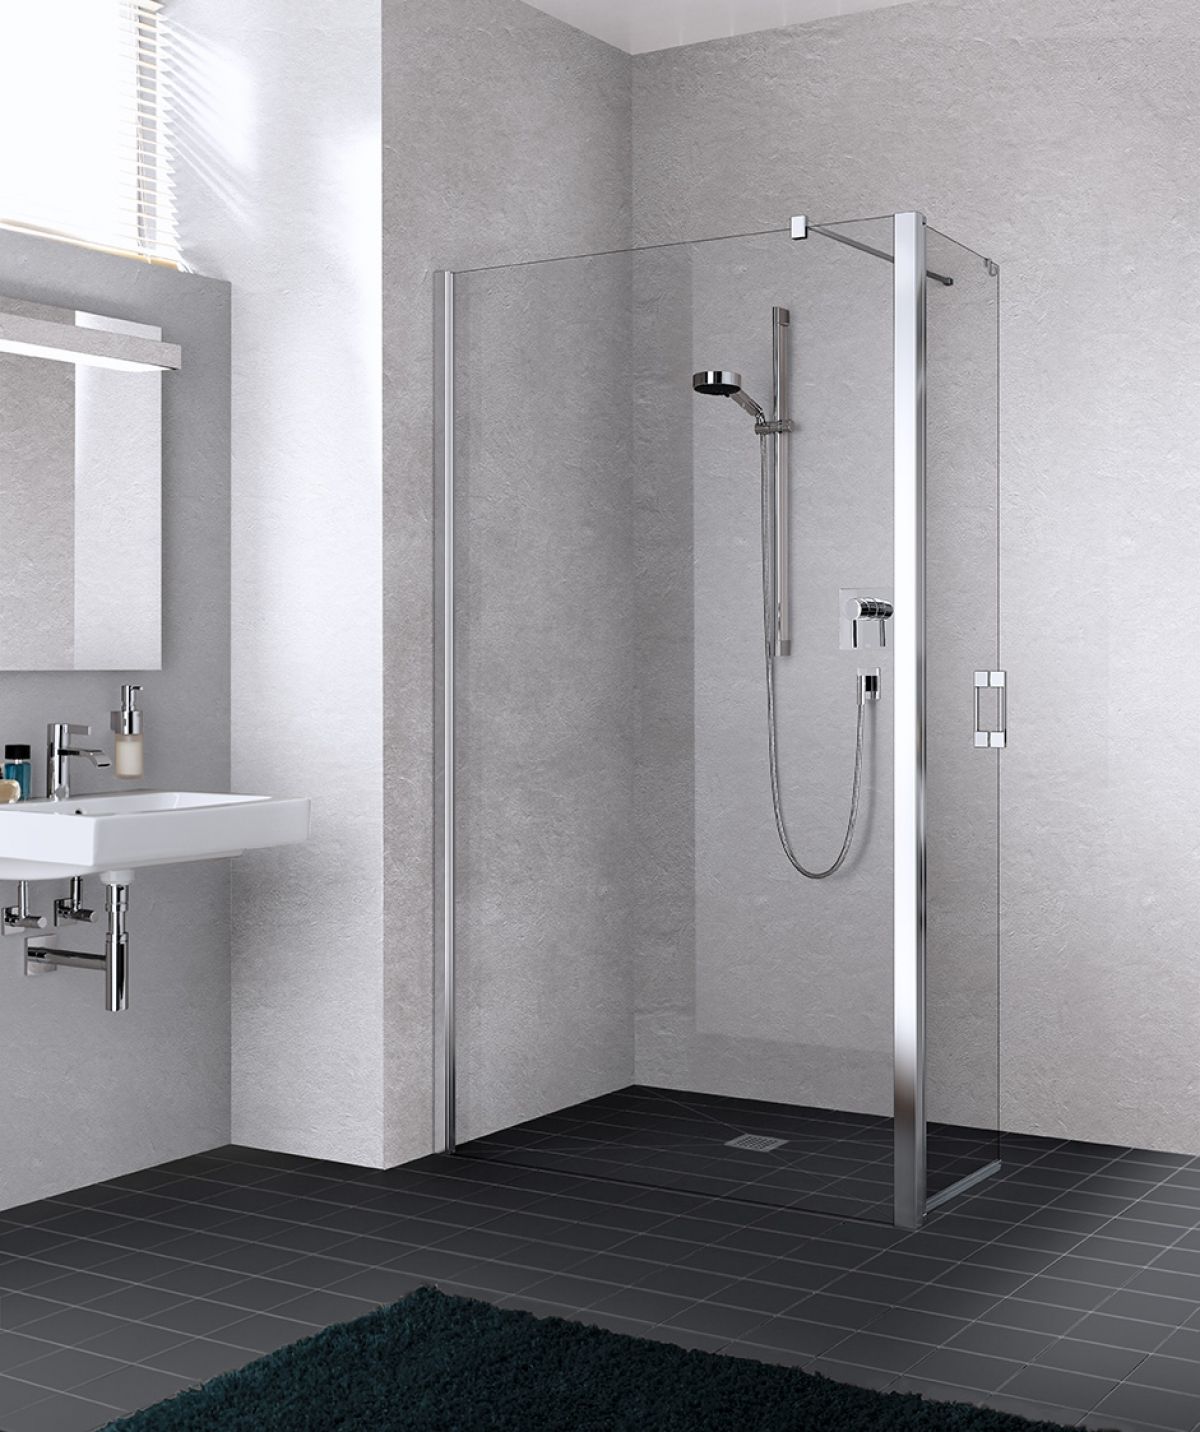 paroi de douche walkinliga kermi induscabel salle de bains chauffage et cuisine. Black Bedroom Furniture Sets. Home Design Ideas